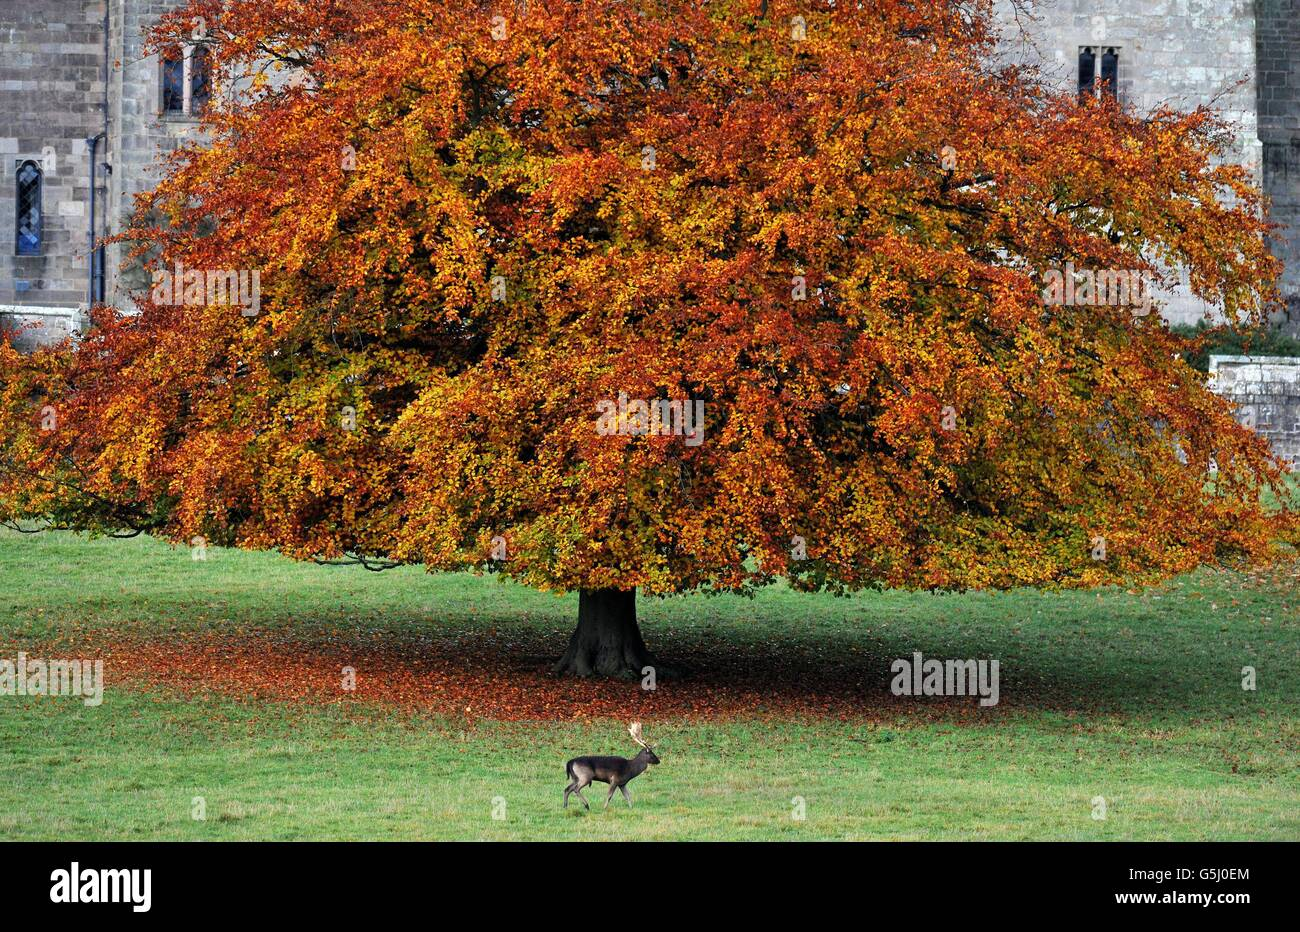 Un ciervo se ve en los terrenos del Castillo de Raby en Darlington, Co Durham, durante la temporada de corte. Foto de stock